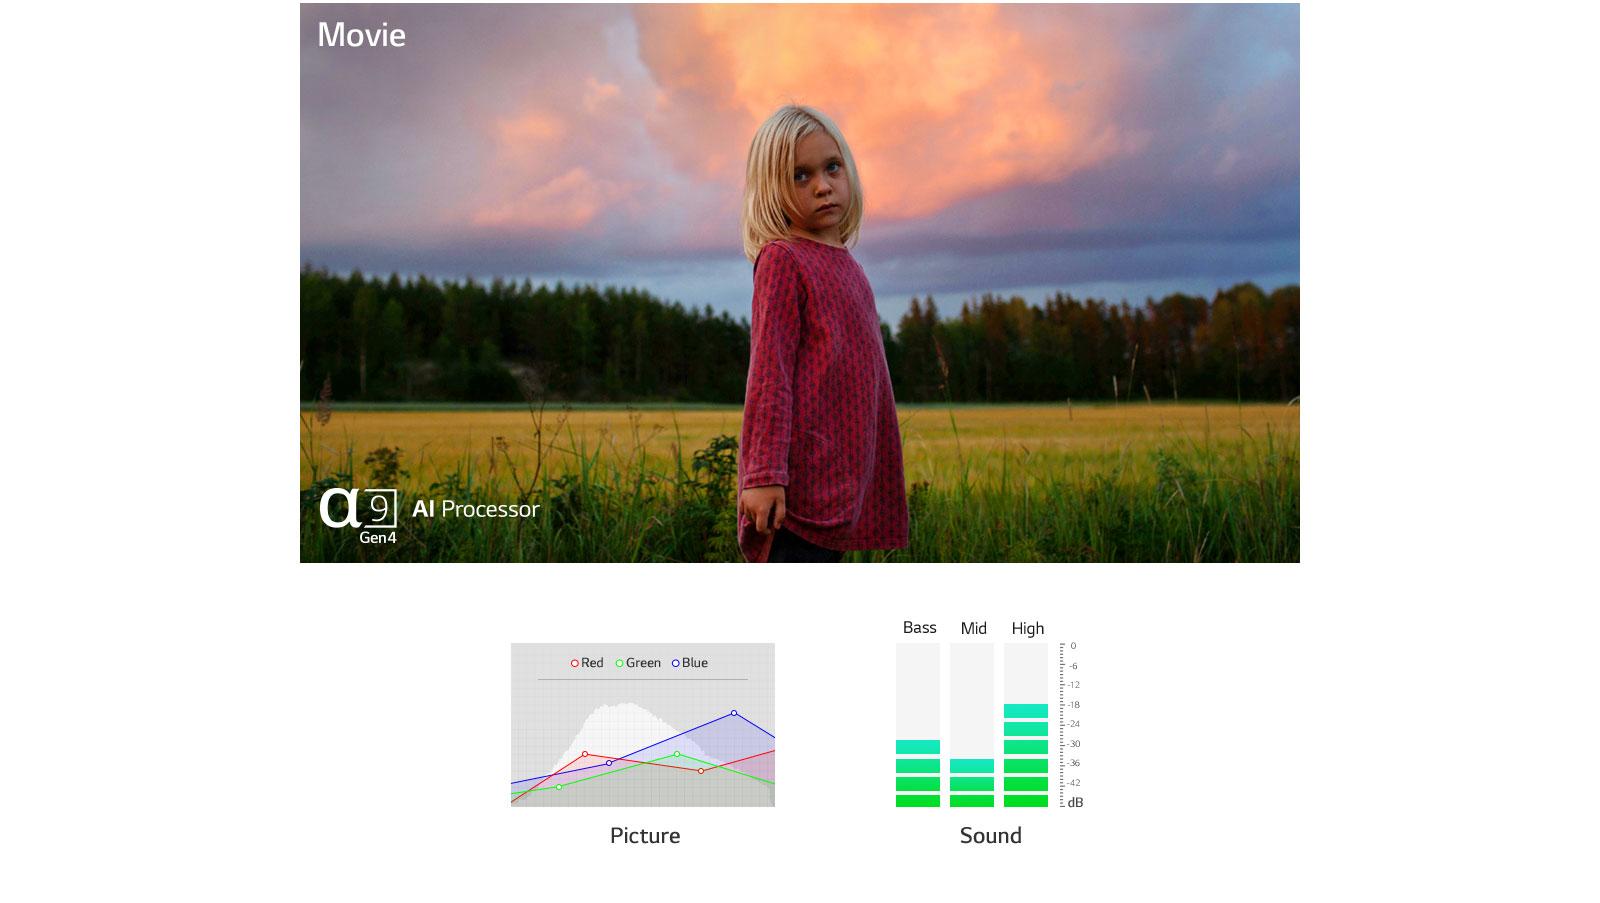 Dos escenas optimizadas automáticamente tanto en imagen como en sonido por el procesador α9 Gen4 IA (reproducir el vídeo)